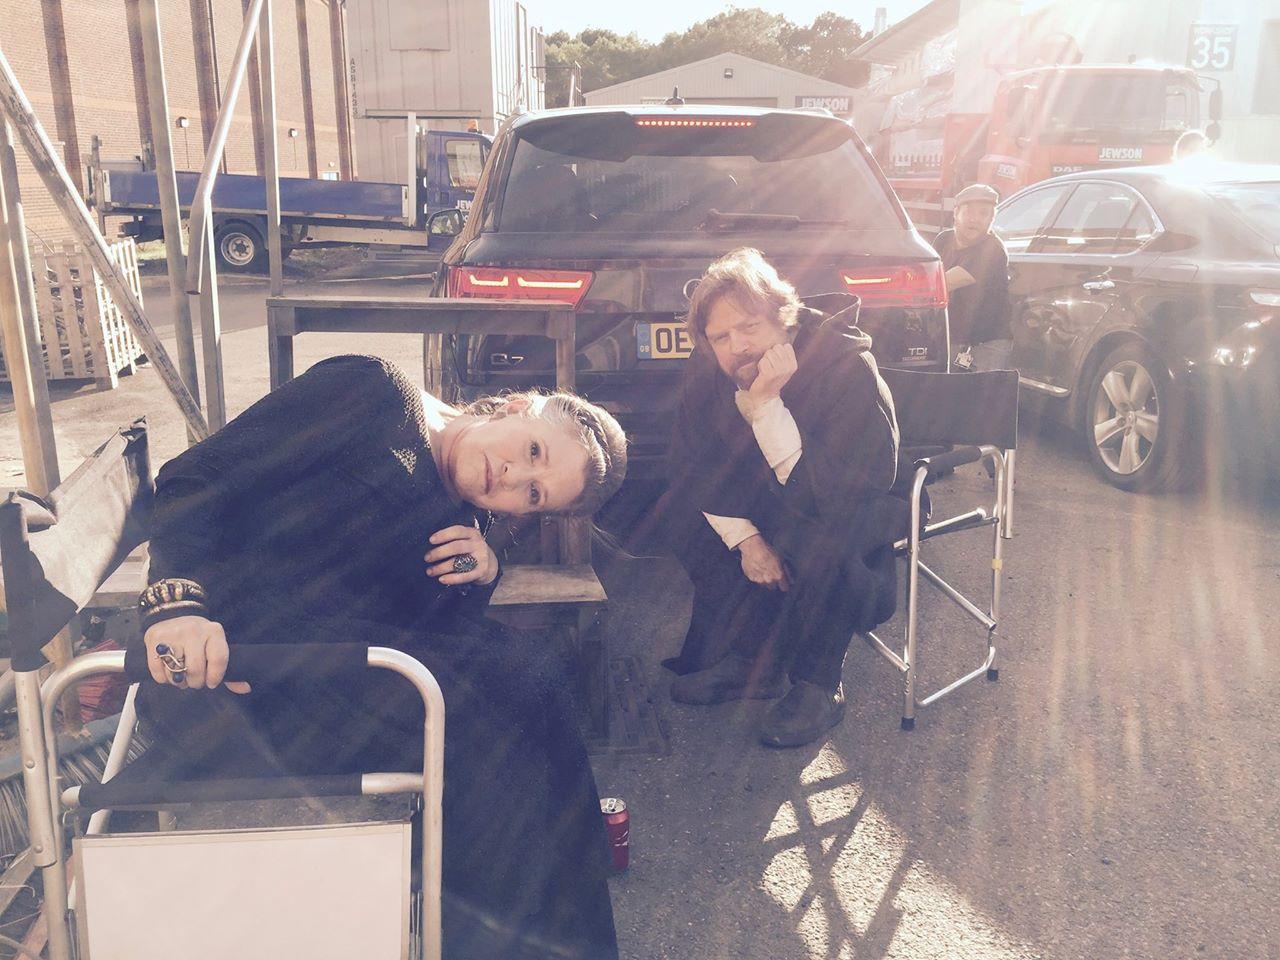 Carrie Fisher y Mark Hamill en el set de rodaje del Episodio VIII